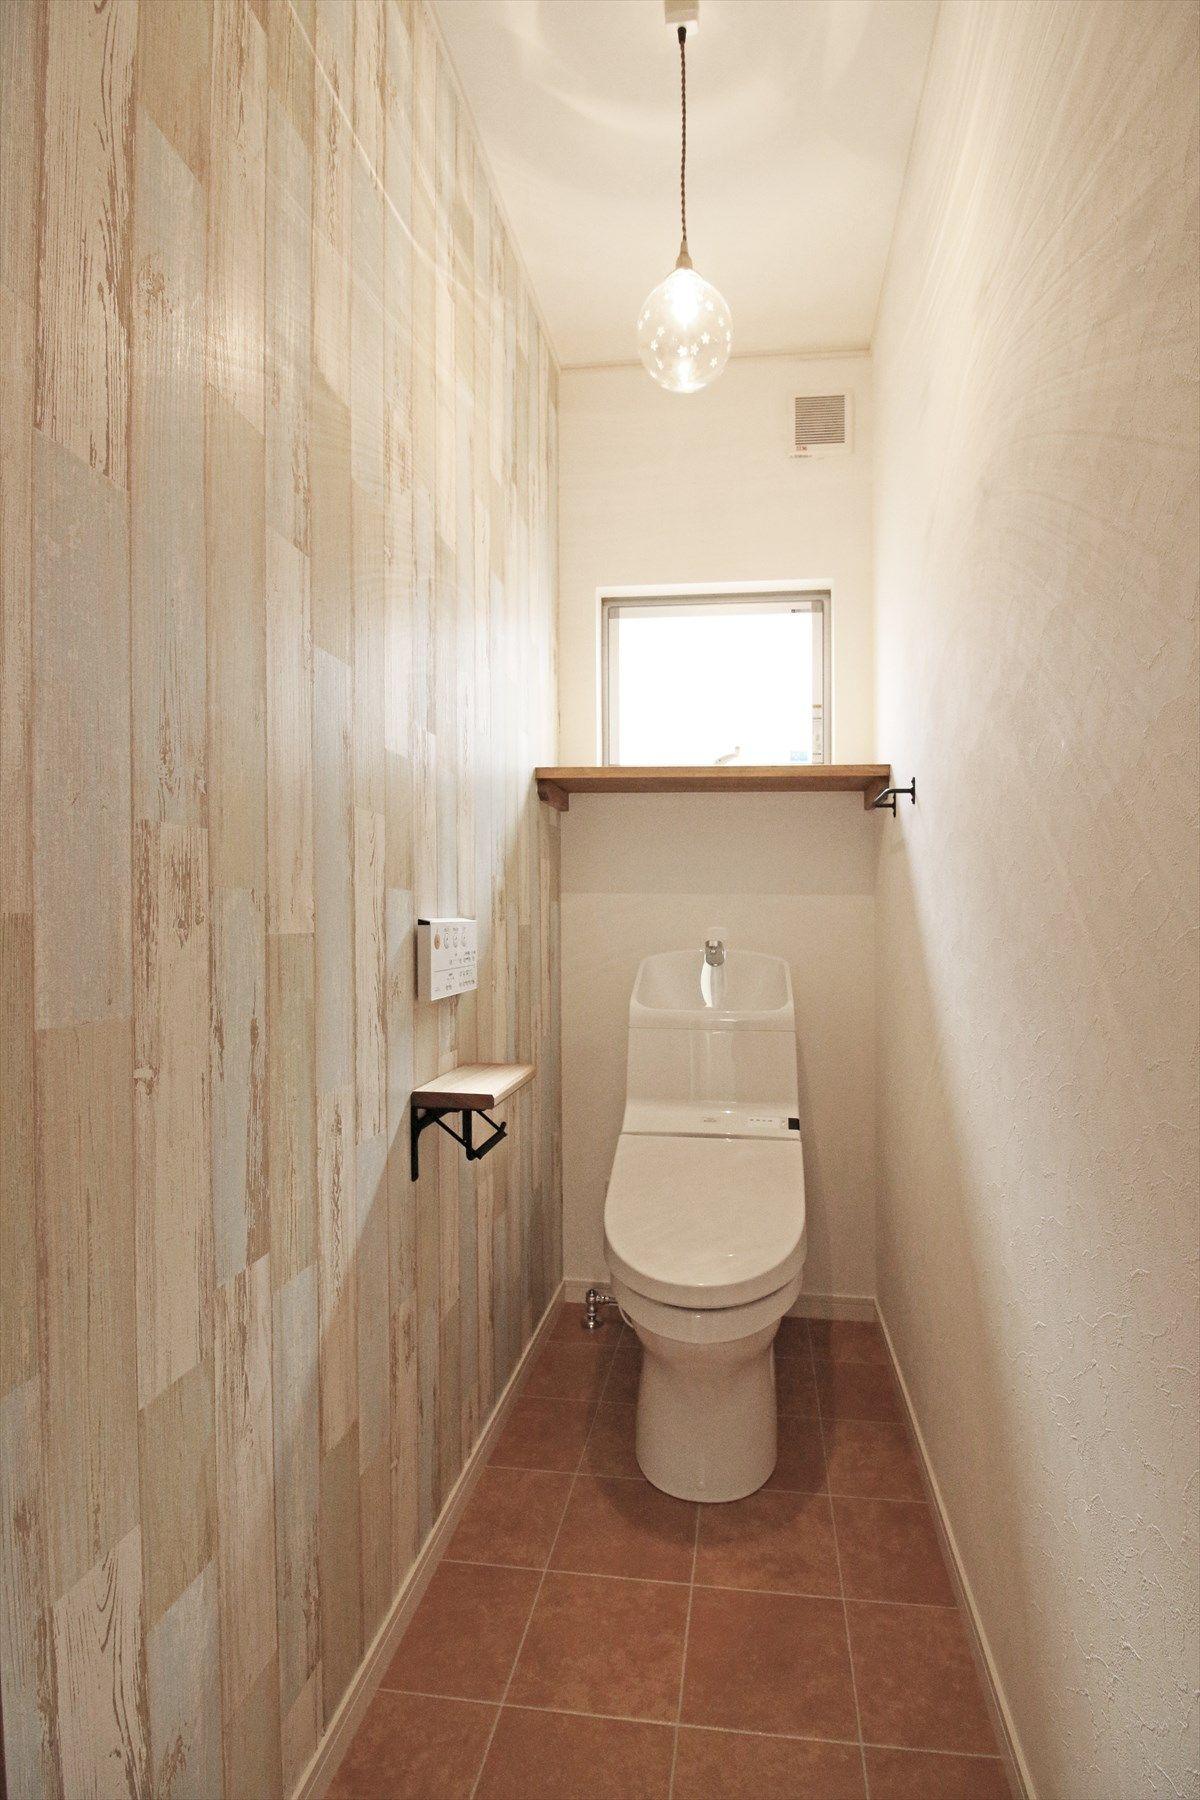 トイレ サニタリー Toilet Rest Room 木目 Wood アクセントクロス ナチュラル Natural タイル調 Tile インテリア Interior ジャストの家 Justnoie 小さなトイレ シンプル トイレ トイレのアイデア